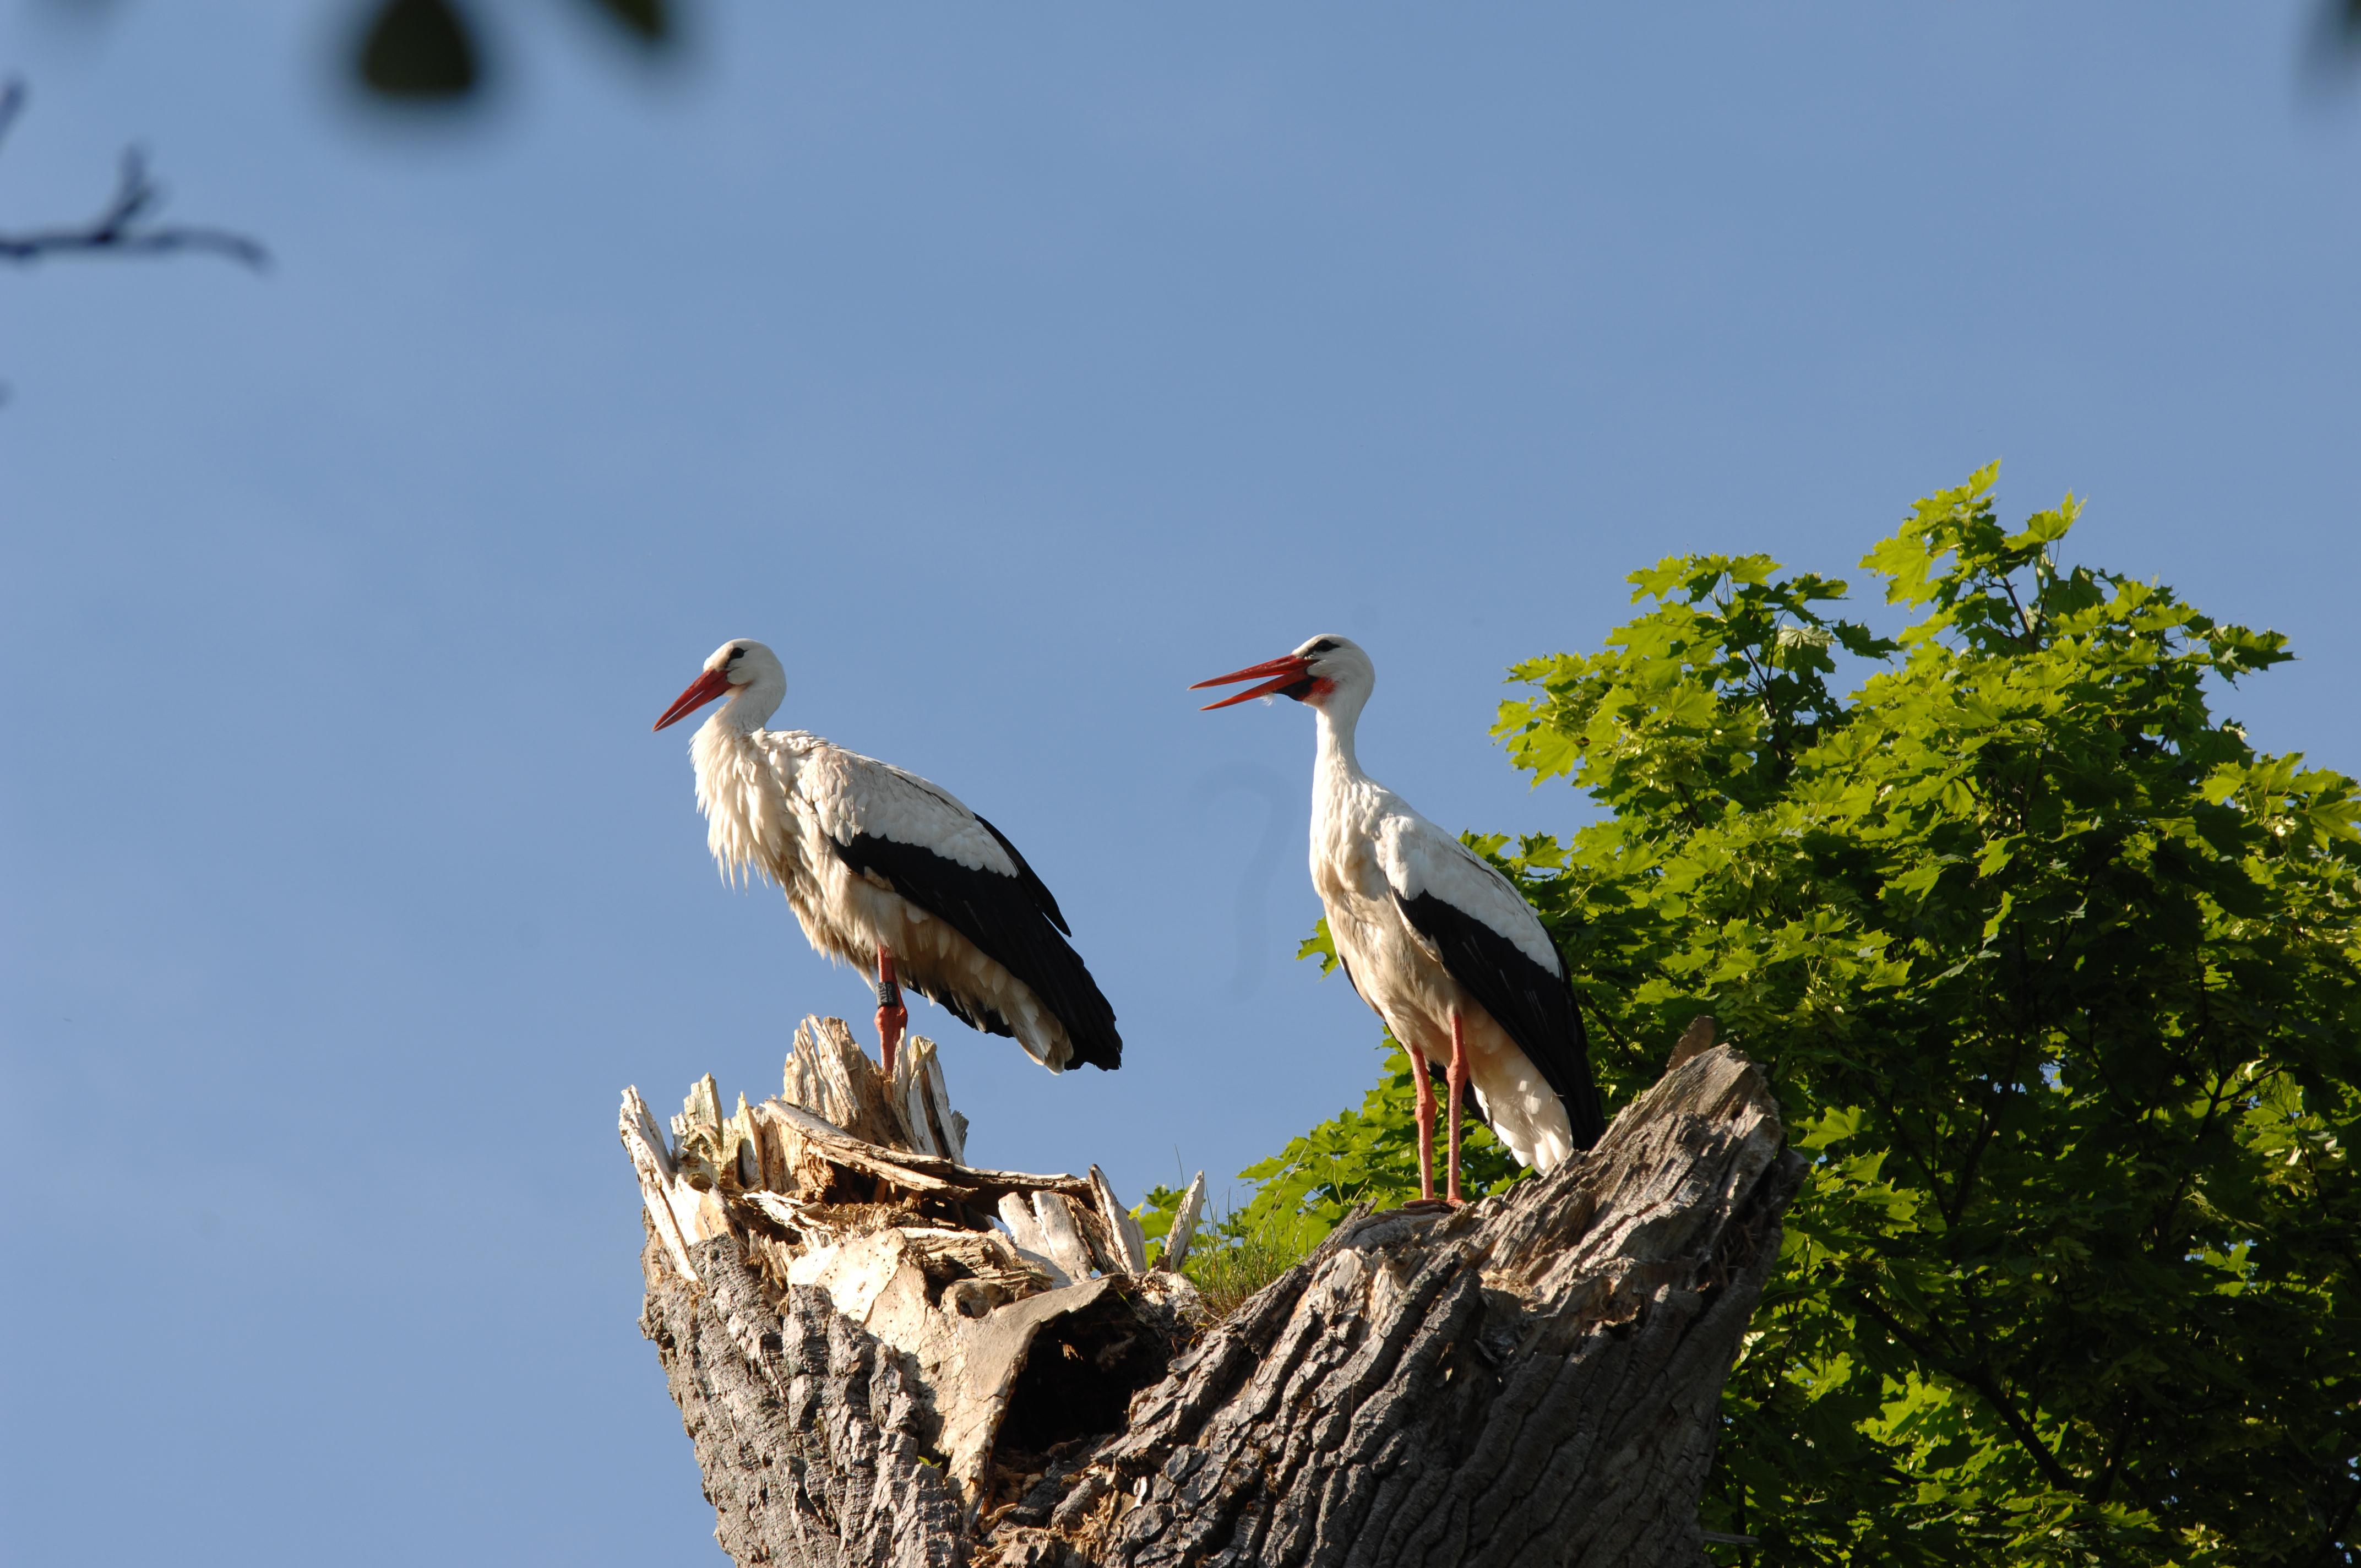 Storch auf Baumstumpf